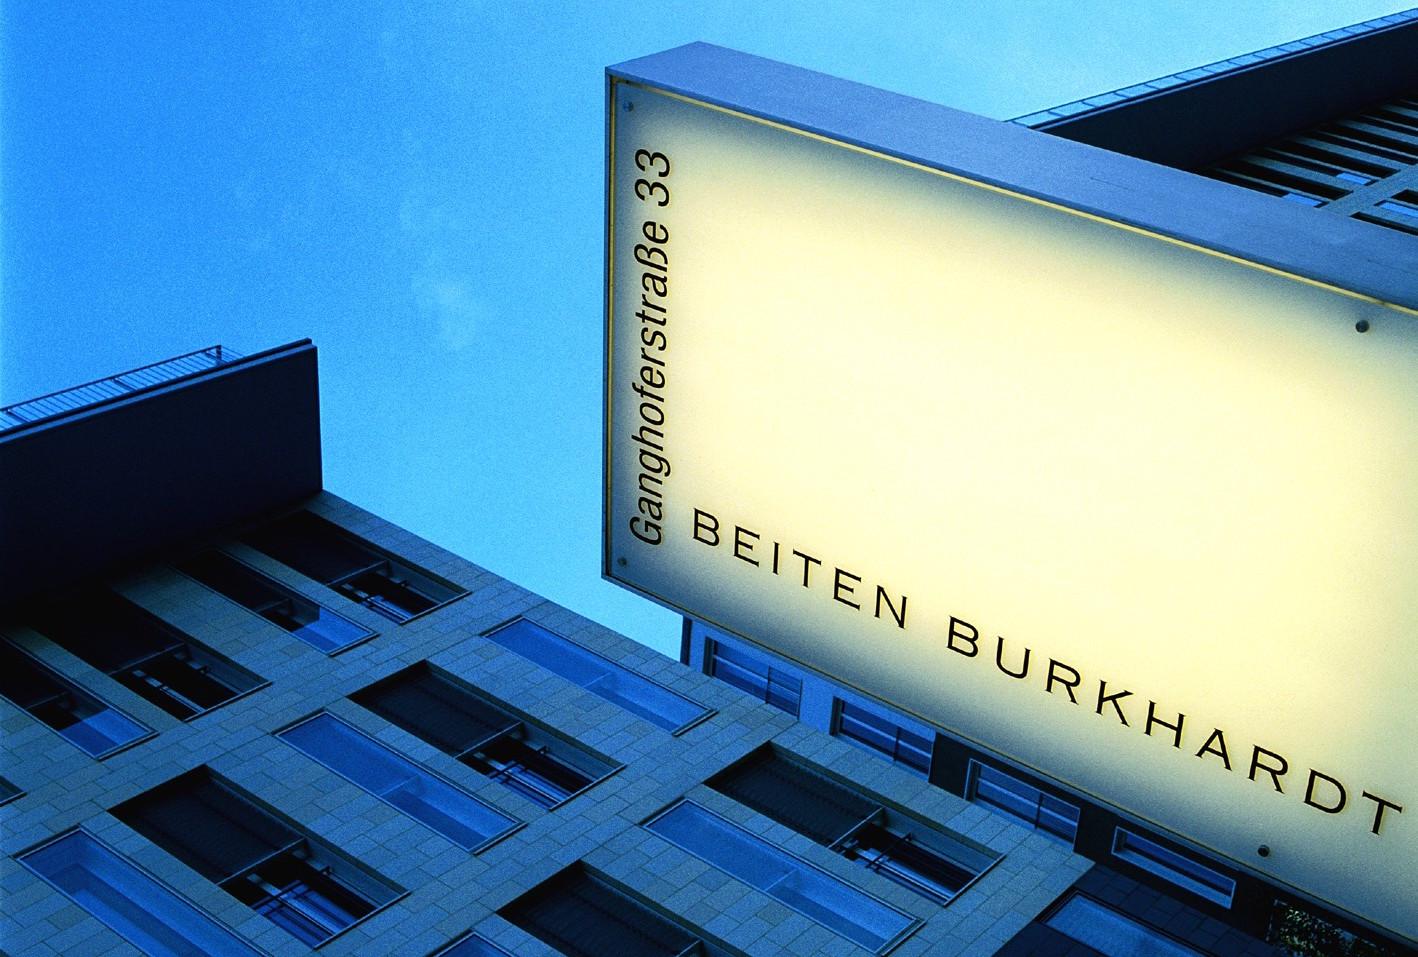 Angelica von der Decken, Expertin für Markenrecht und Partnerin bei BEITEN BURKHARDT